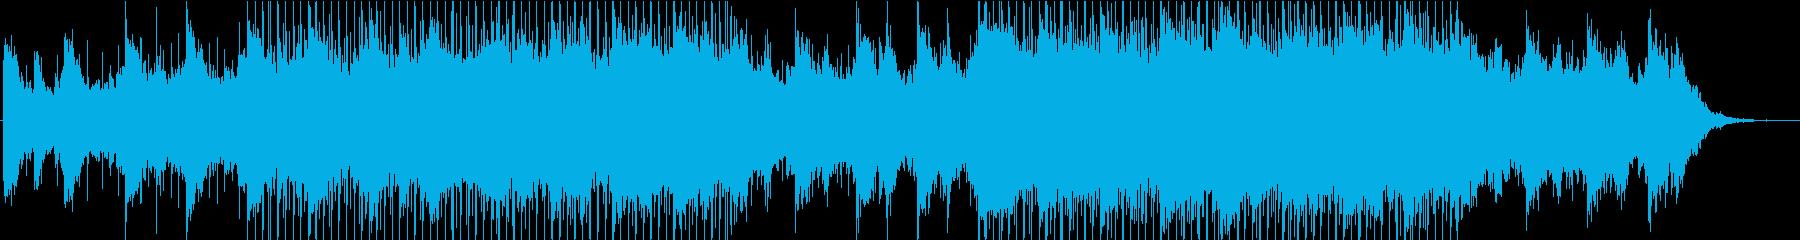 煌びやかで幻想的な洋楽系ヒーリングハウスの再生済みの波形